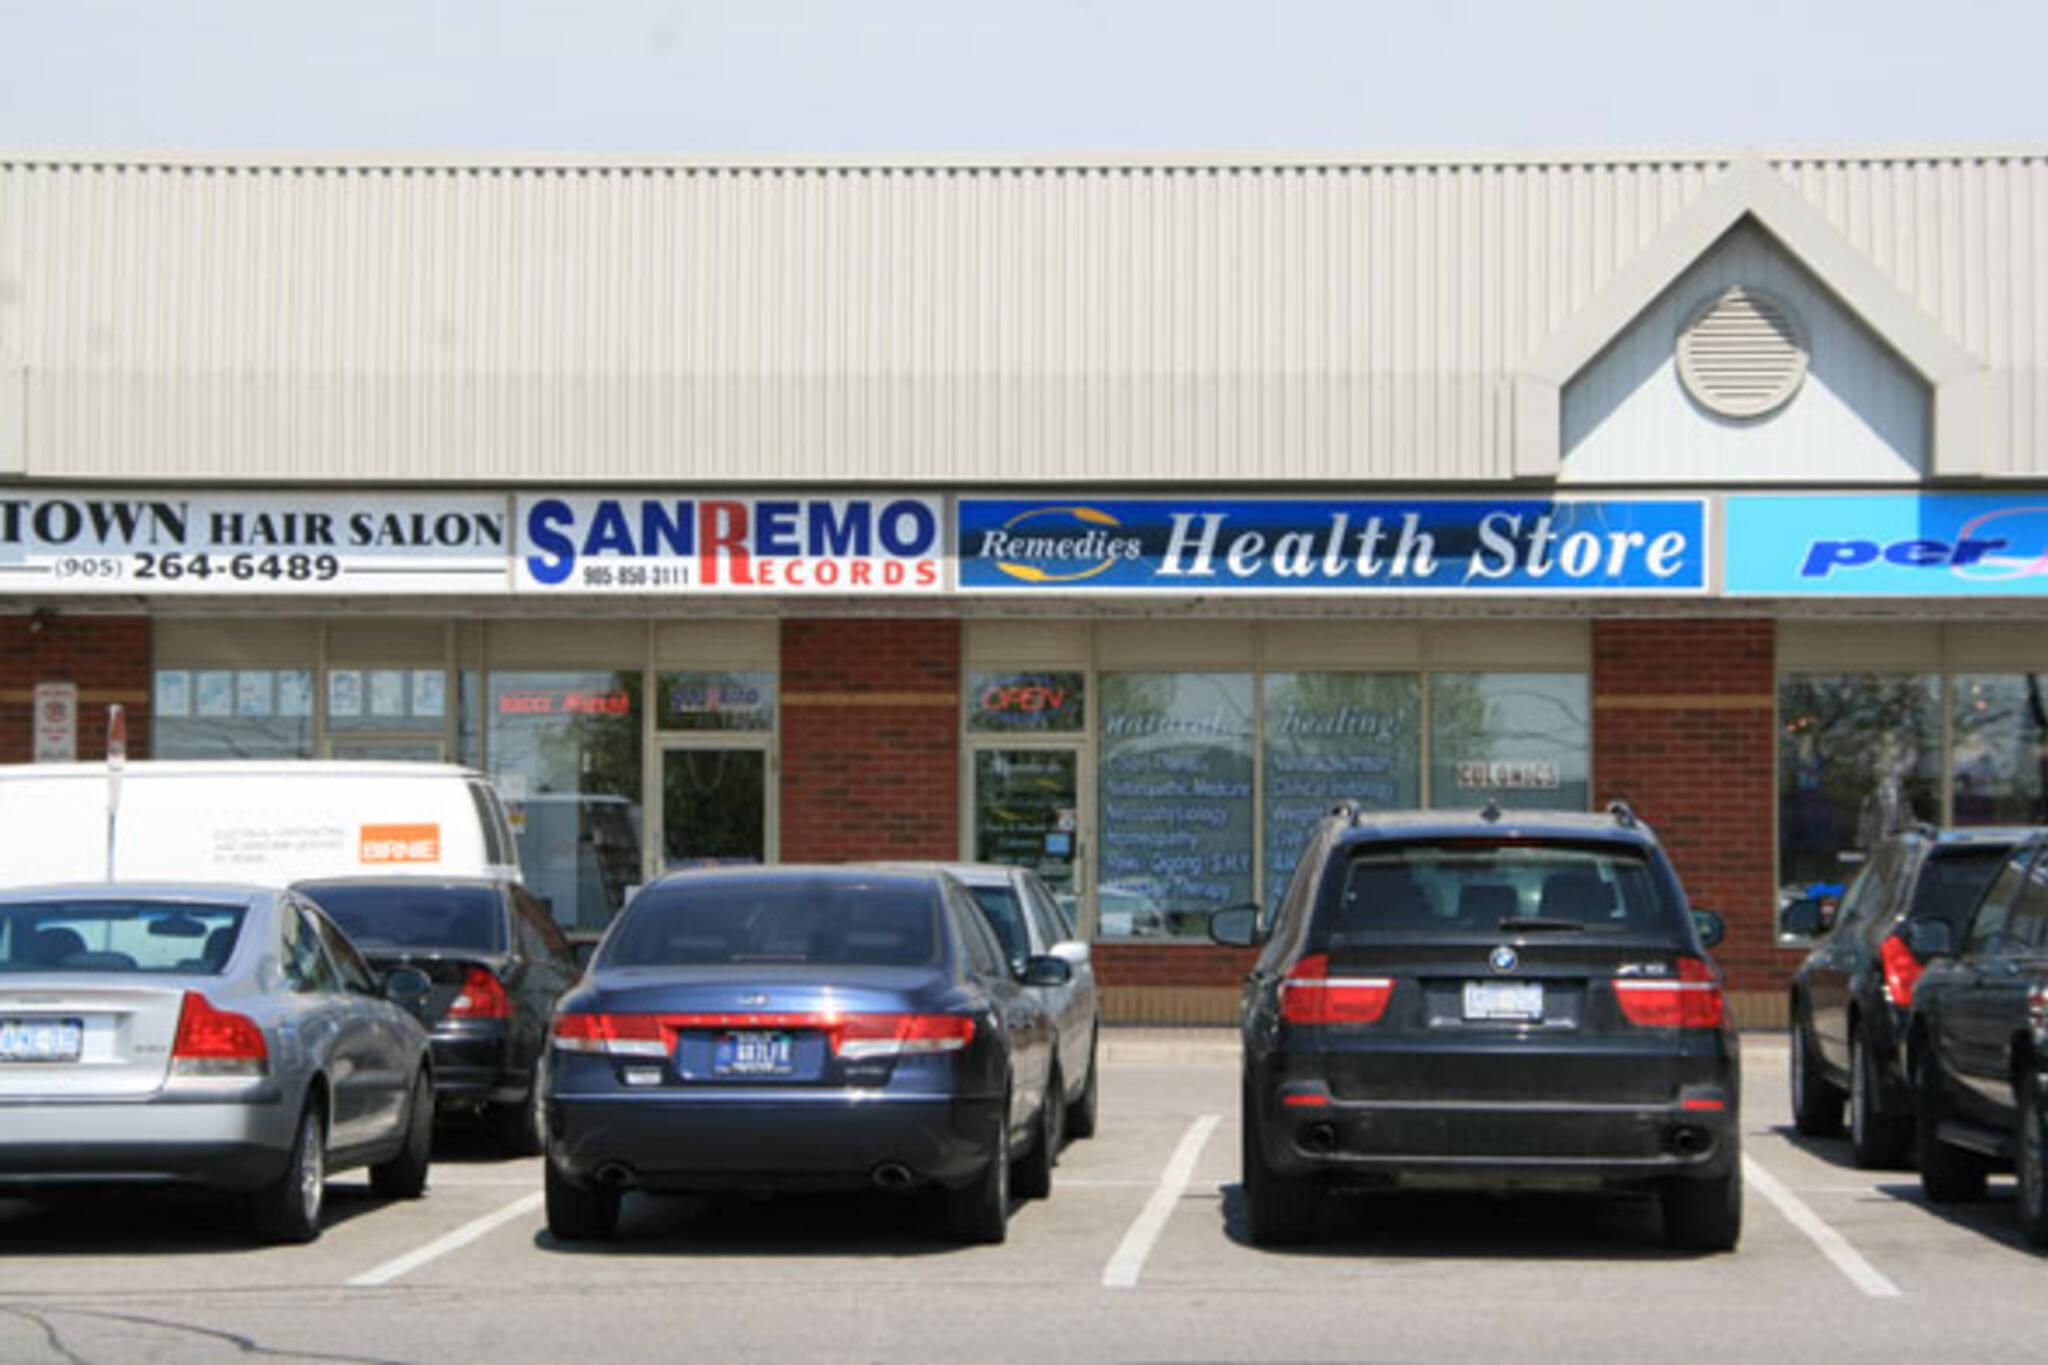 San Remo Records